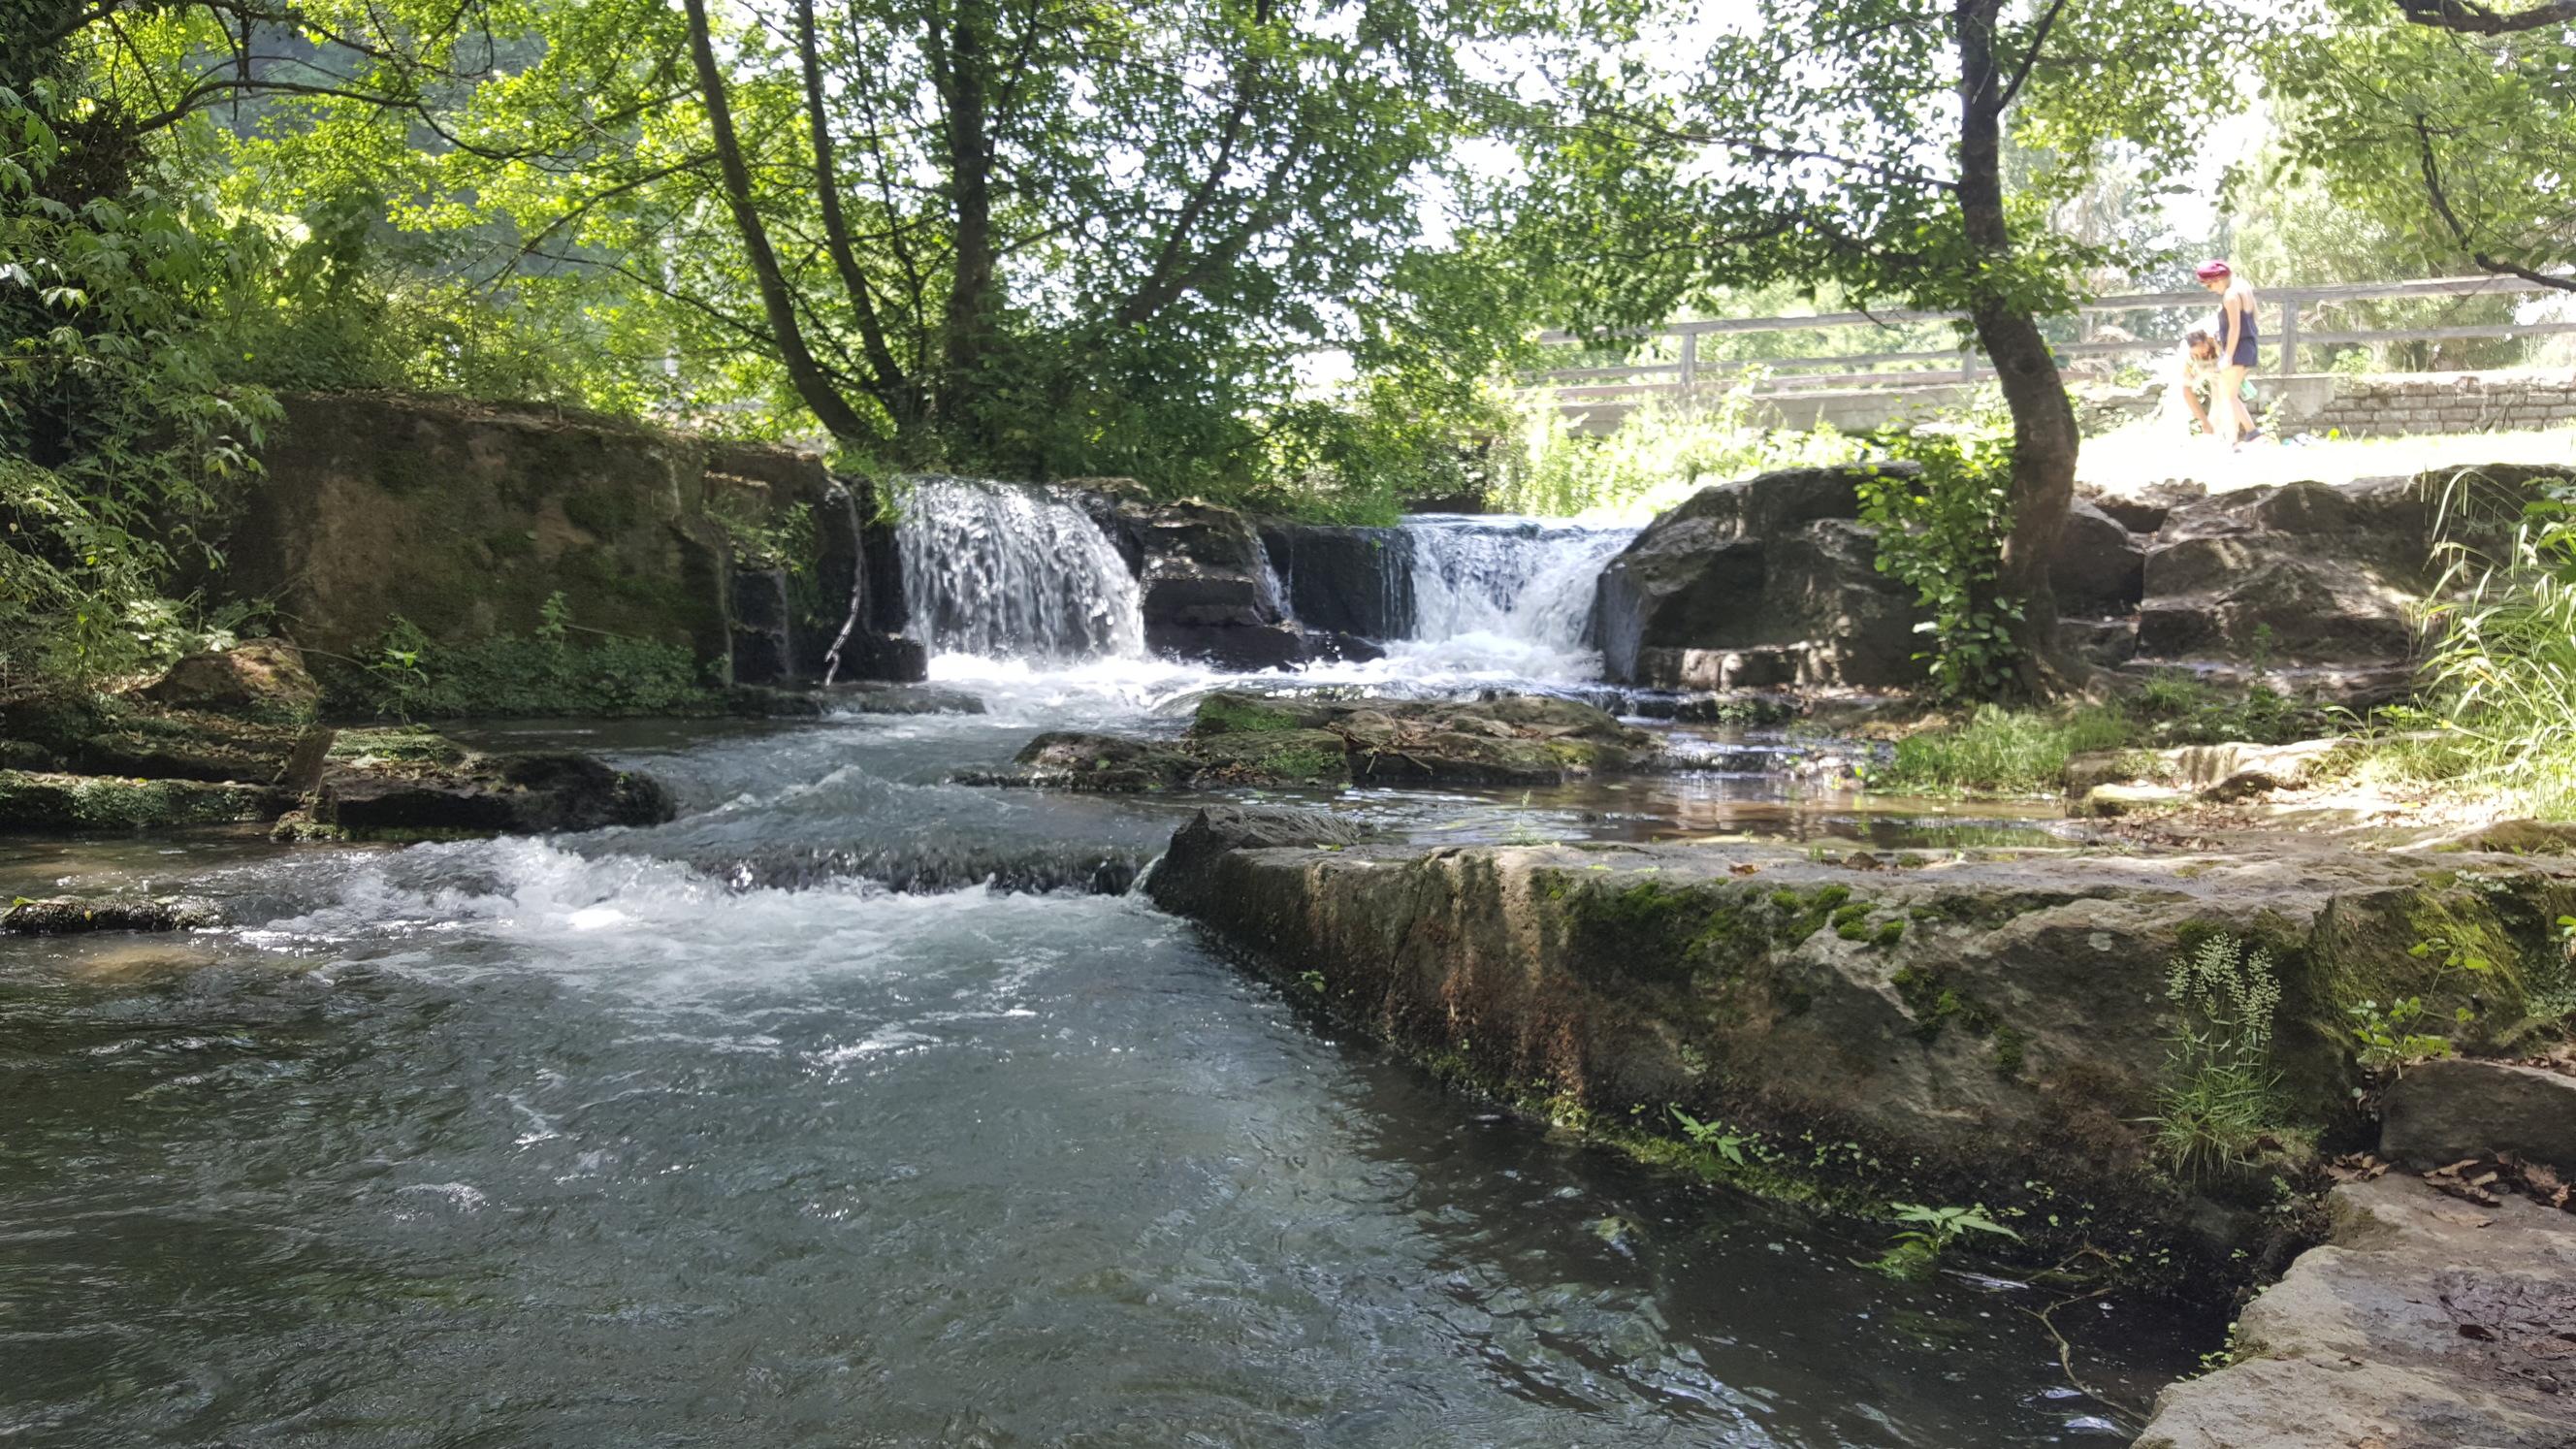 Visitare Monte Gelato - Scopri le cascate e il bosco incantato vicino roma